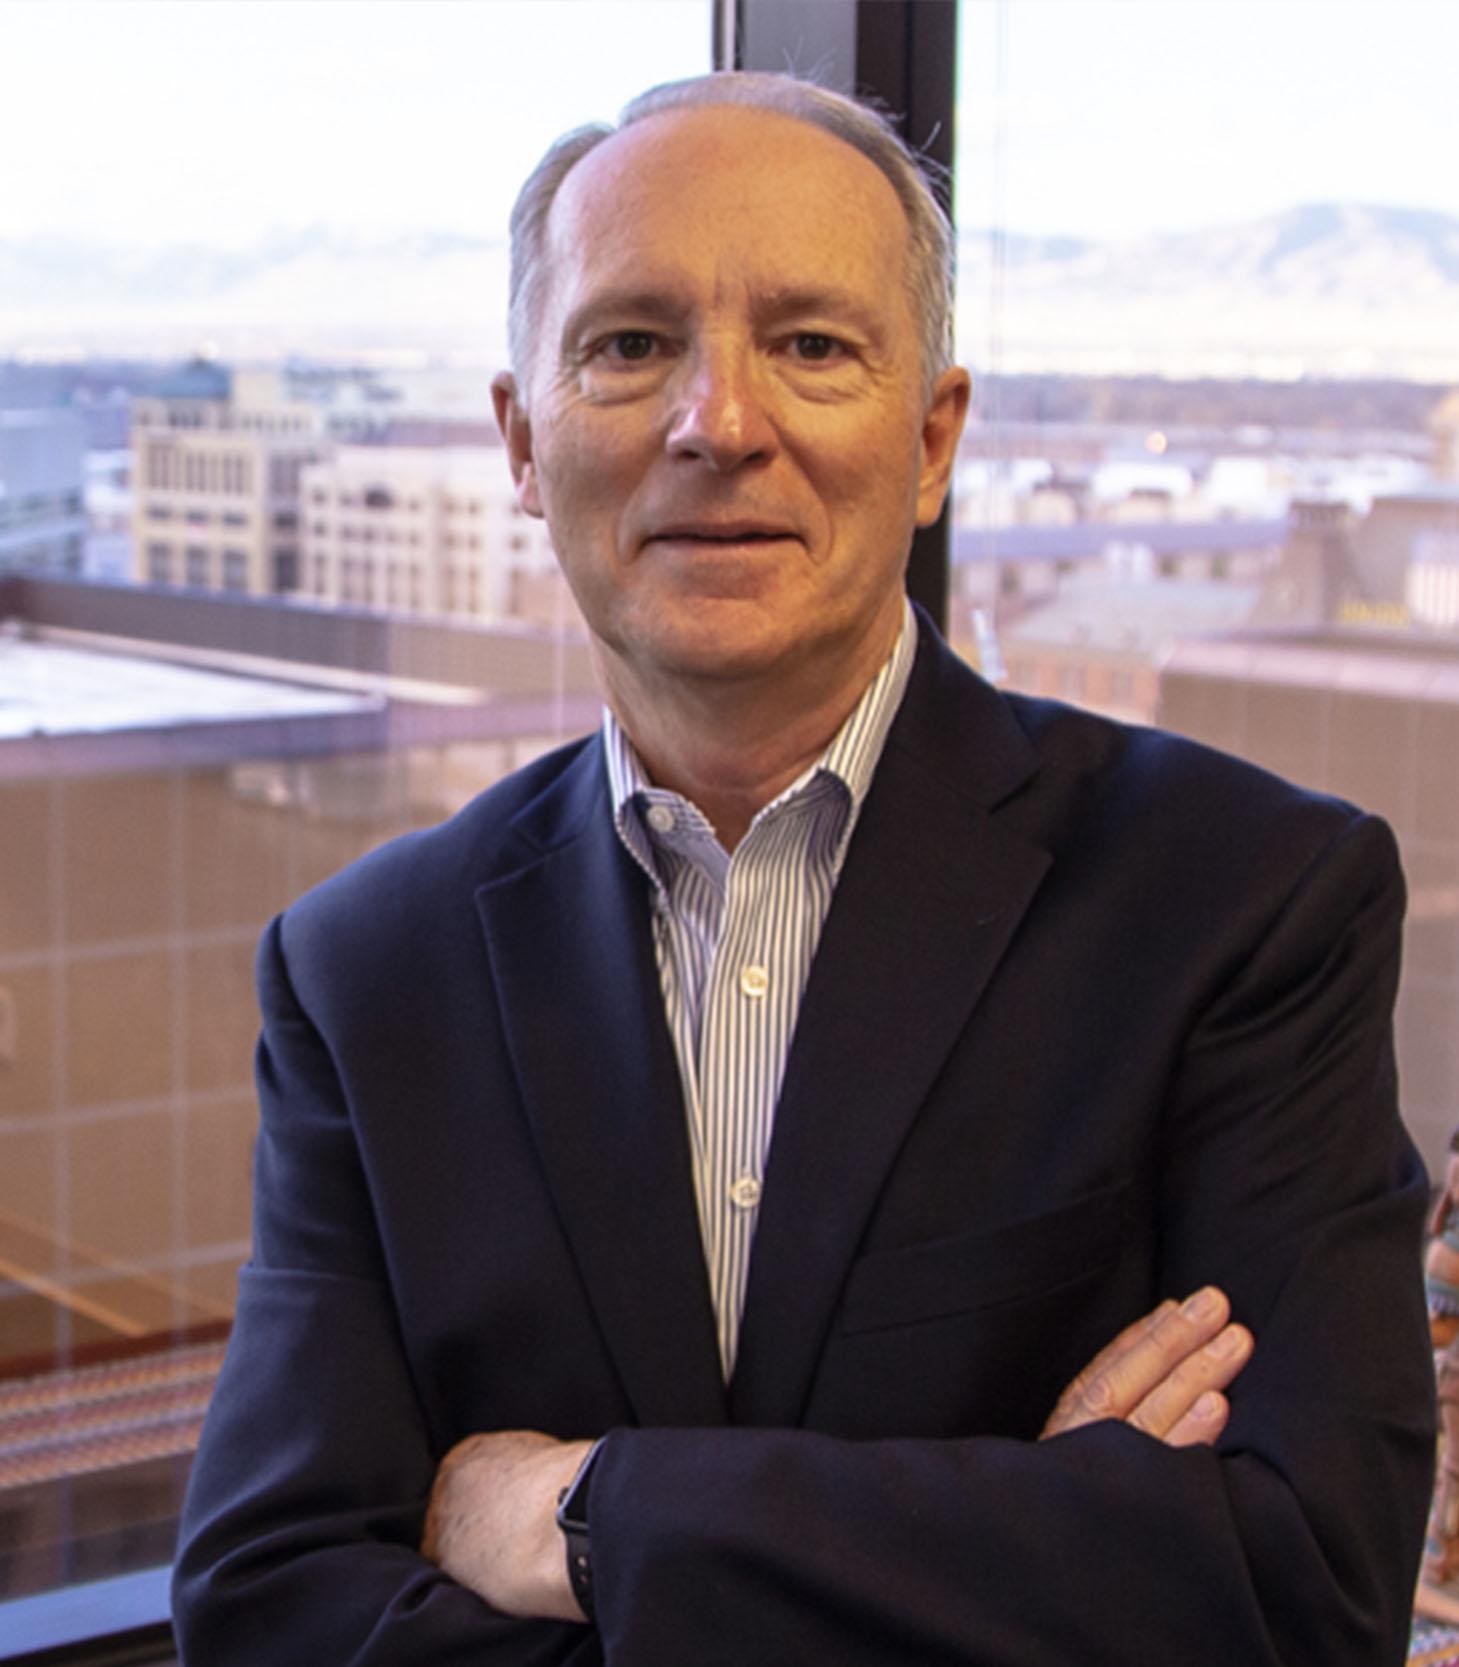 Dr. Bruce Kusch